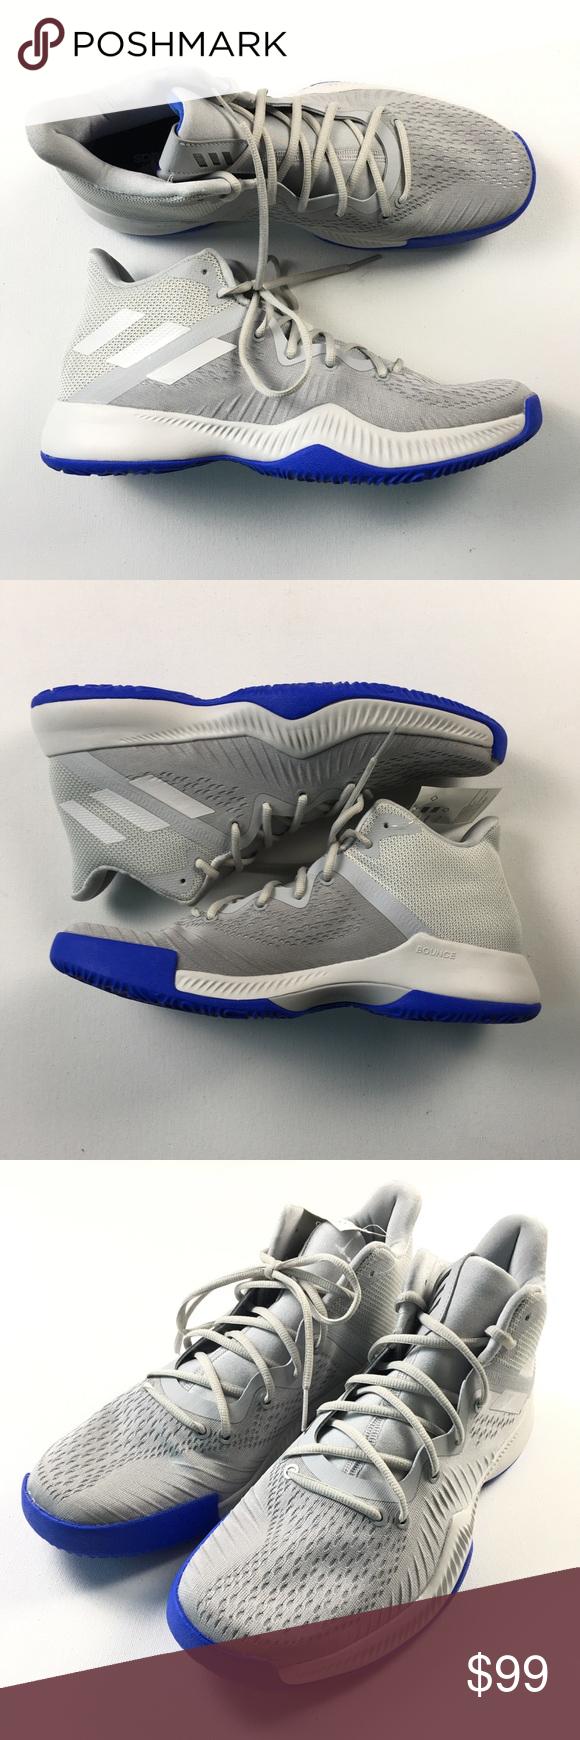 Adidas Men s Mad Bounce Basketball 13 ART CG4854 Brand new cd1d5d358